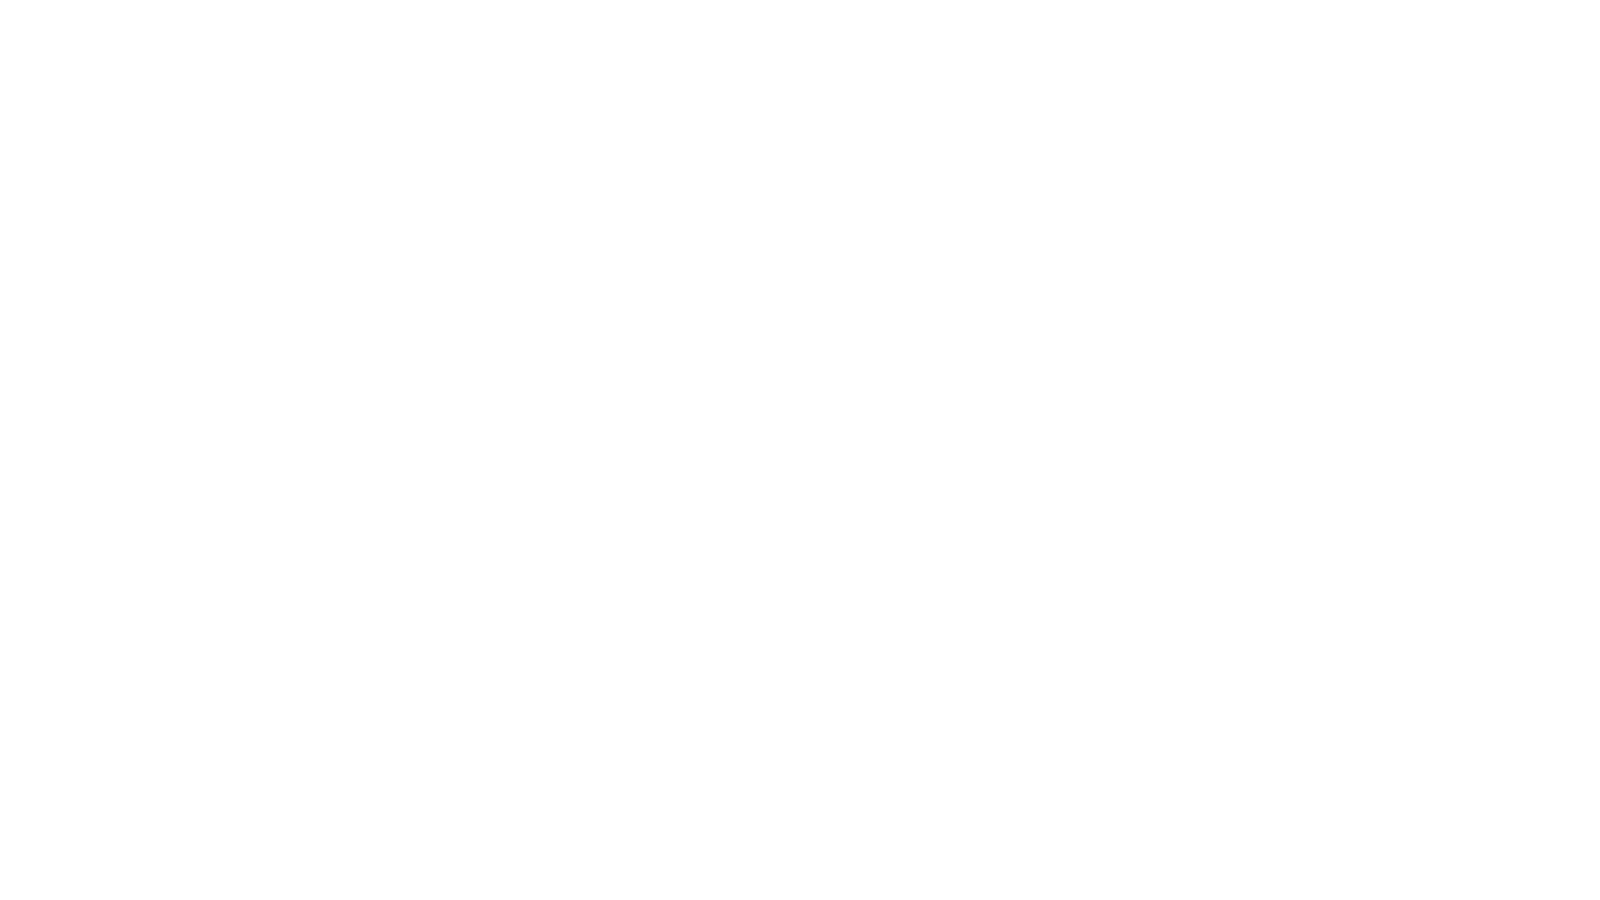 Te brindamos los principales cambios a las reformas del Código Fiscal de la Federación para el ejercicio siguiente.  ¿Tienes dudas sobre la propuesta a la Reforma Fiscal 2022?  ¡Contáctanos!  ☎️ 55 5447 7400 🌐 dn@bhrmx.com WhatsApp: 55 4520 4899   #BHRMéxico #SFAI #PaqueteEconómico #ReformaFiscal2022